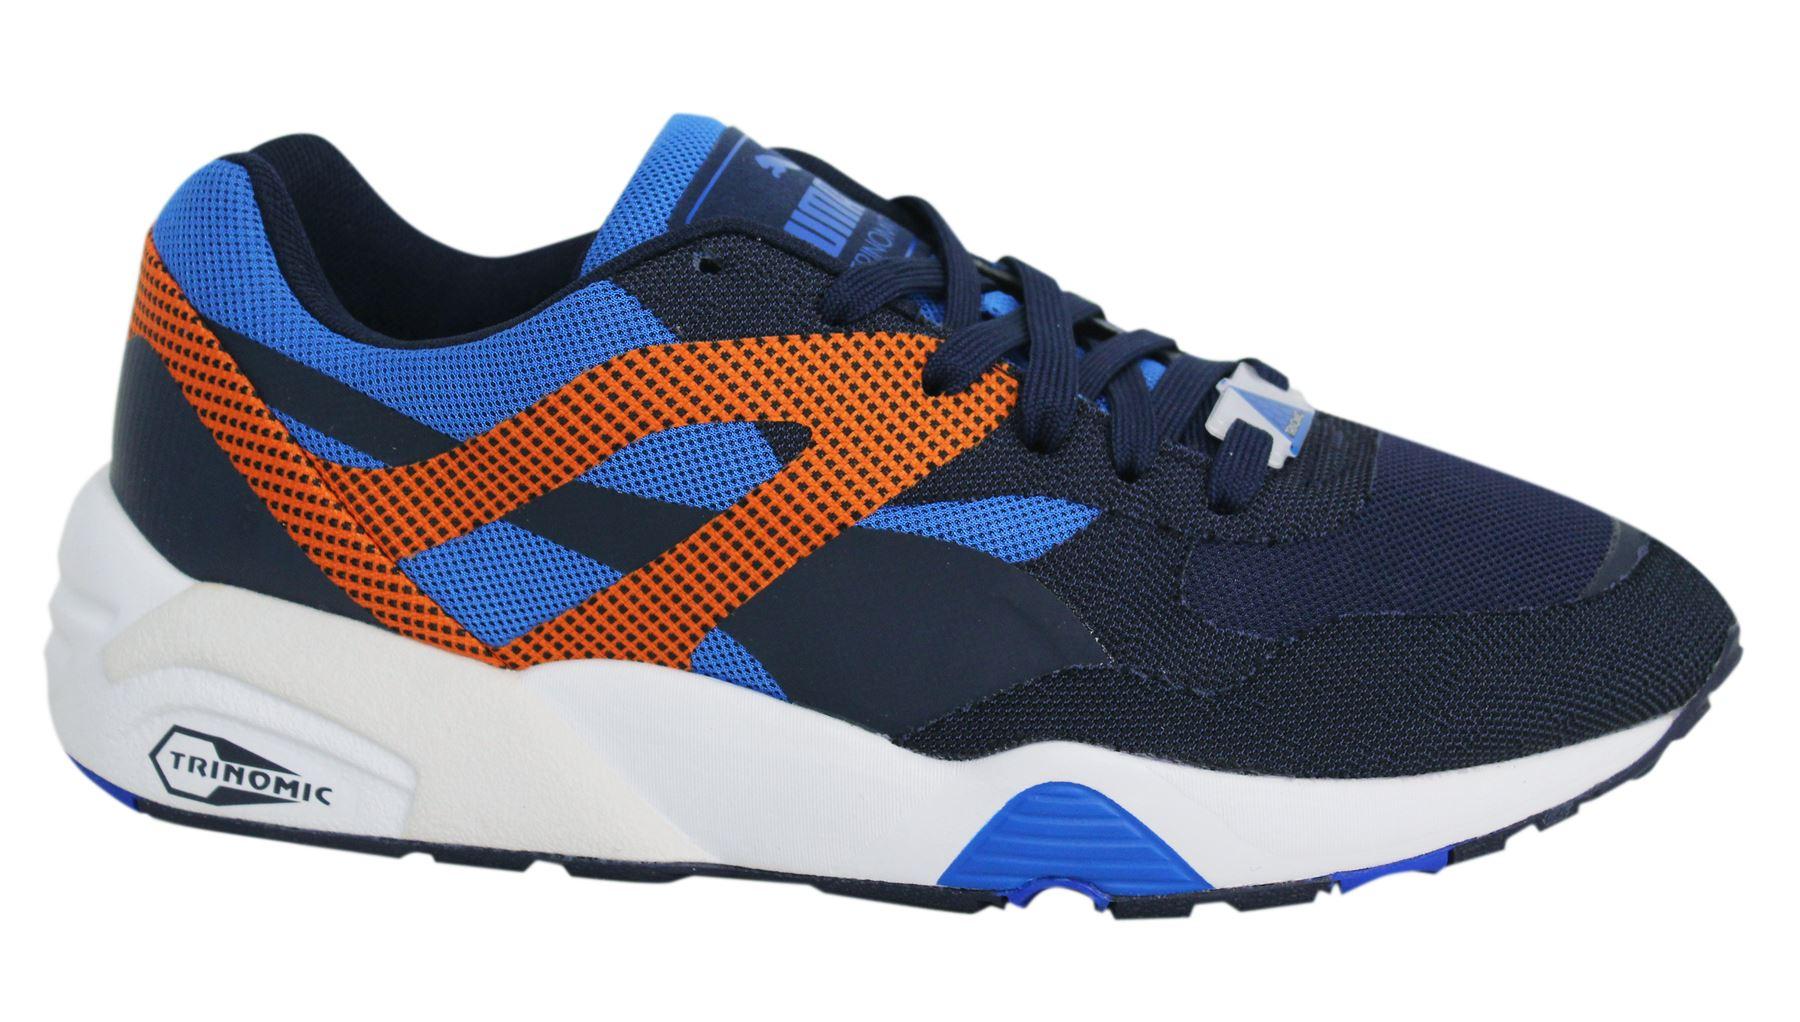 Puma R698 Progressive Lace Up Navy Orange Mens Trainers 362046 03 ... 207464e86f